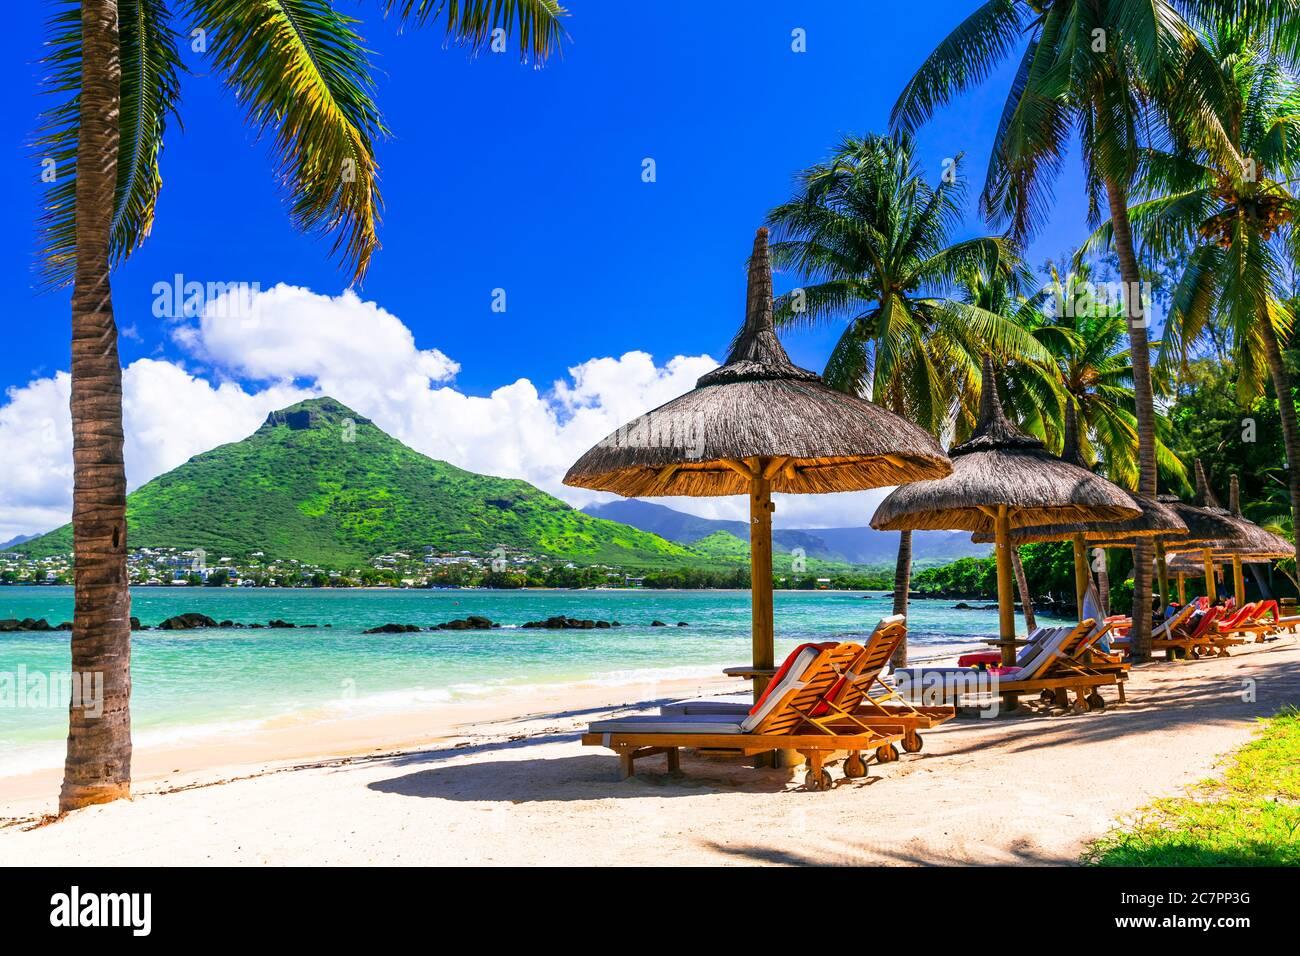 Vacaciones relajantes en el paraíso tropical. Isla Mauricio. Playa Flic en Flac, vista de la montaña Tamarin Foto de stock